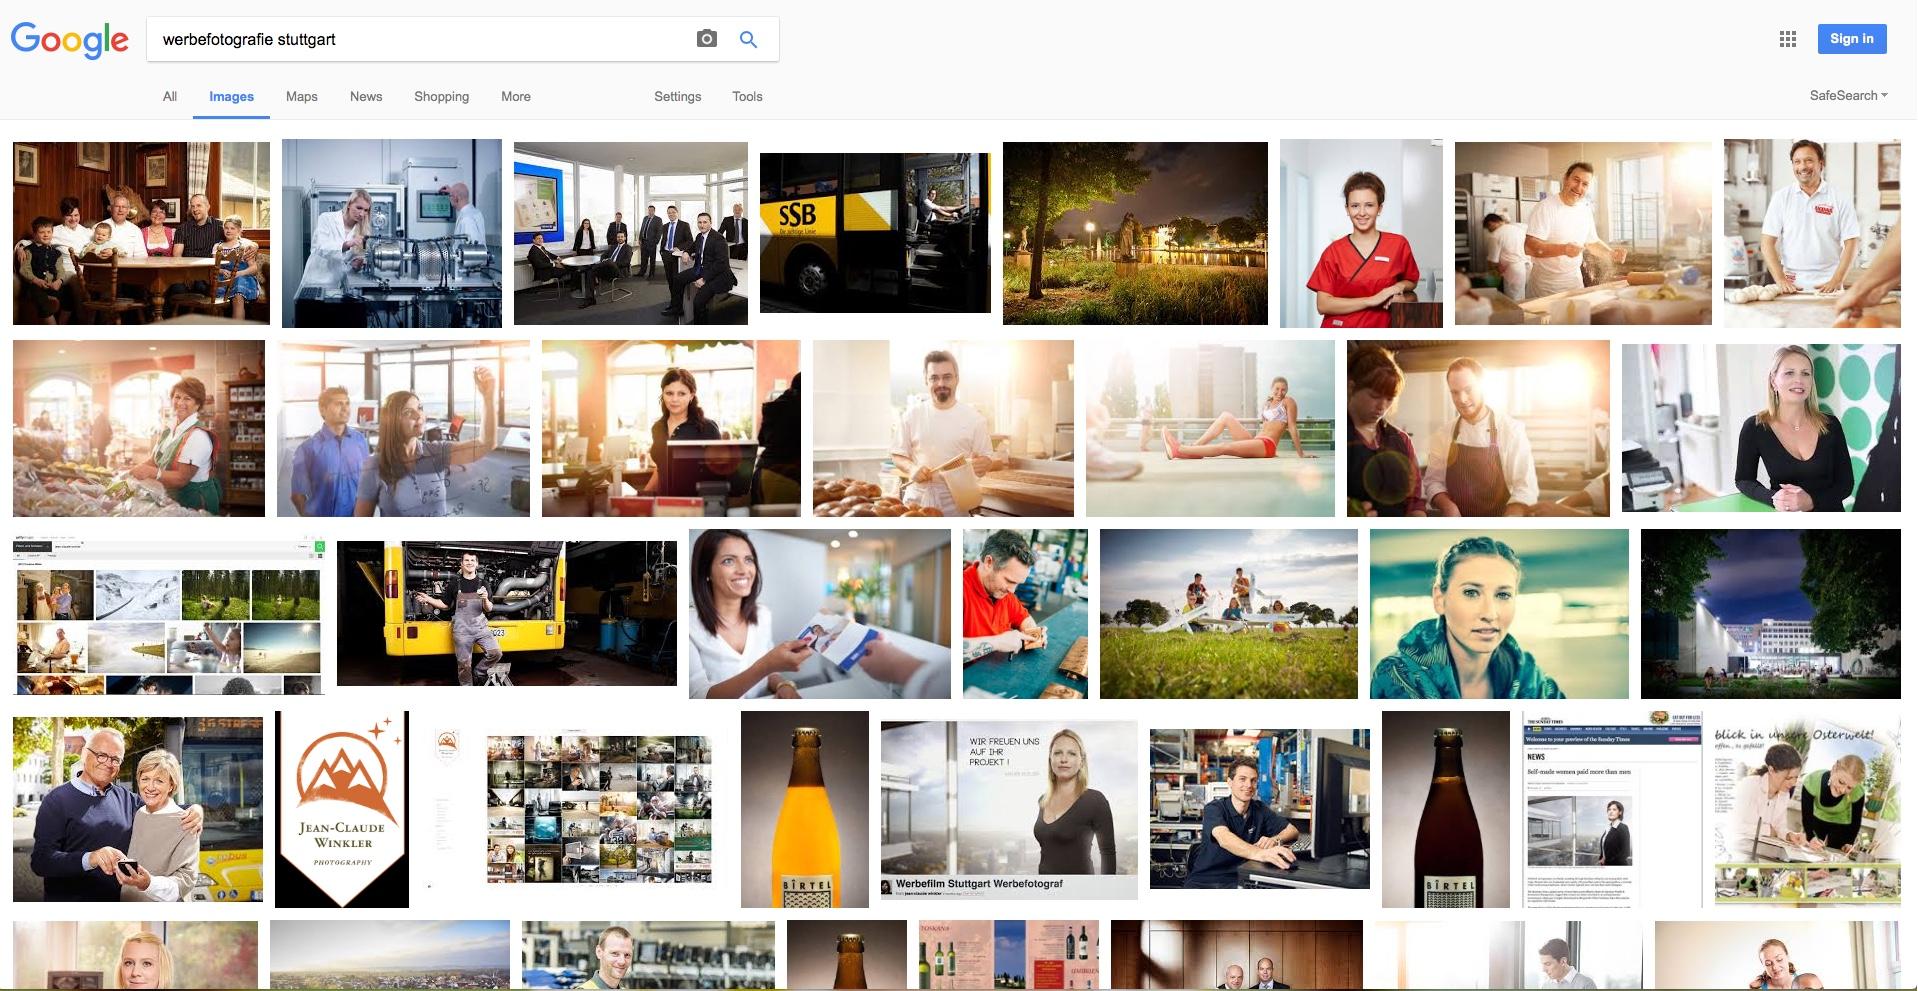 Werbefotografie Stuttgart - Wie Bildsuche Google ?